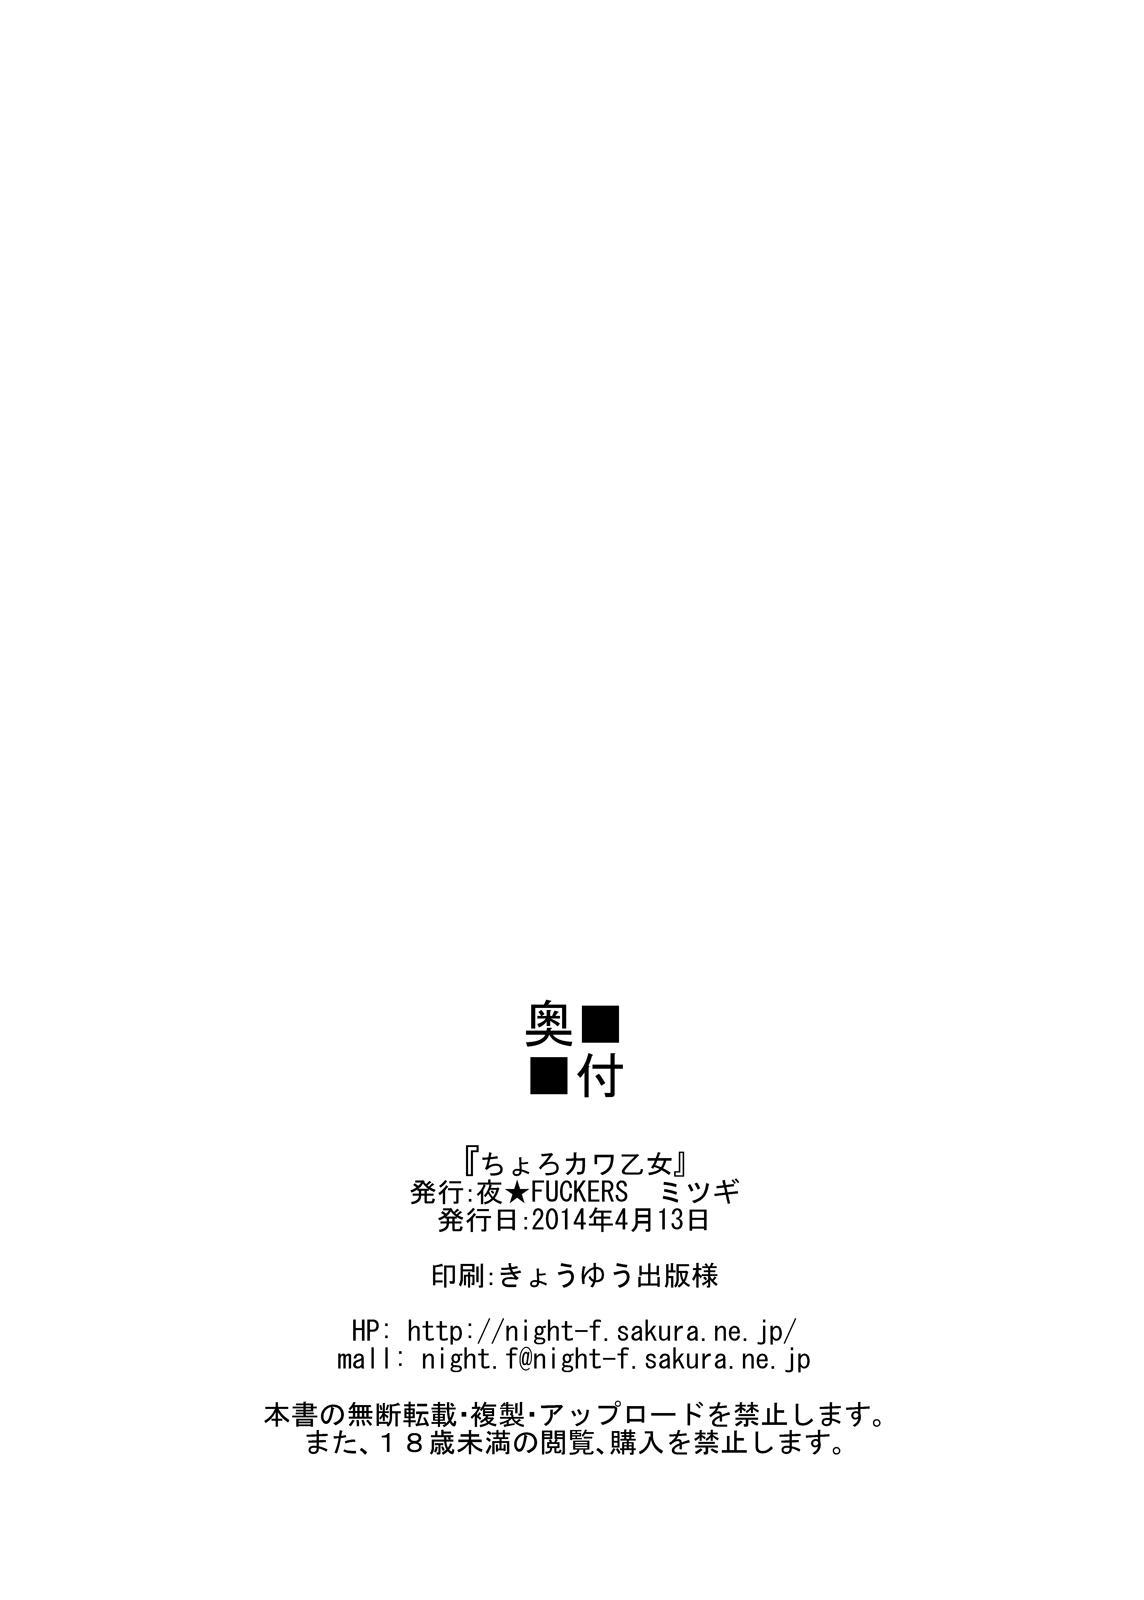 PachiSuro-kei Doujinshi Matome Pack 61